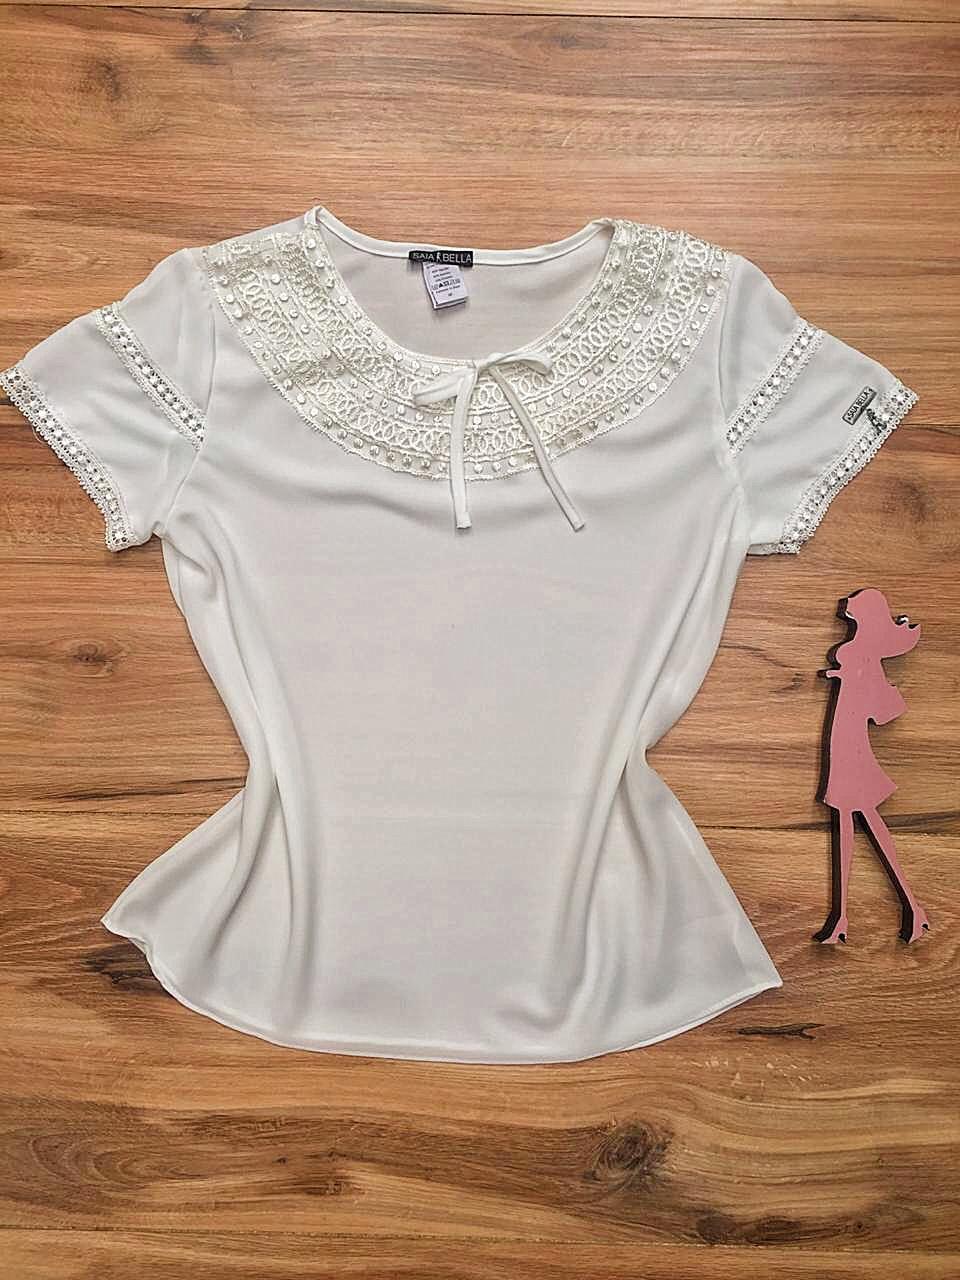 Blusa de Renda Saia Bella - SB9984 branco